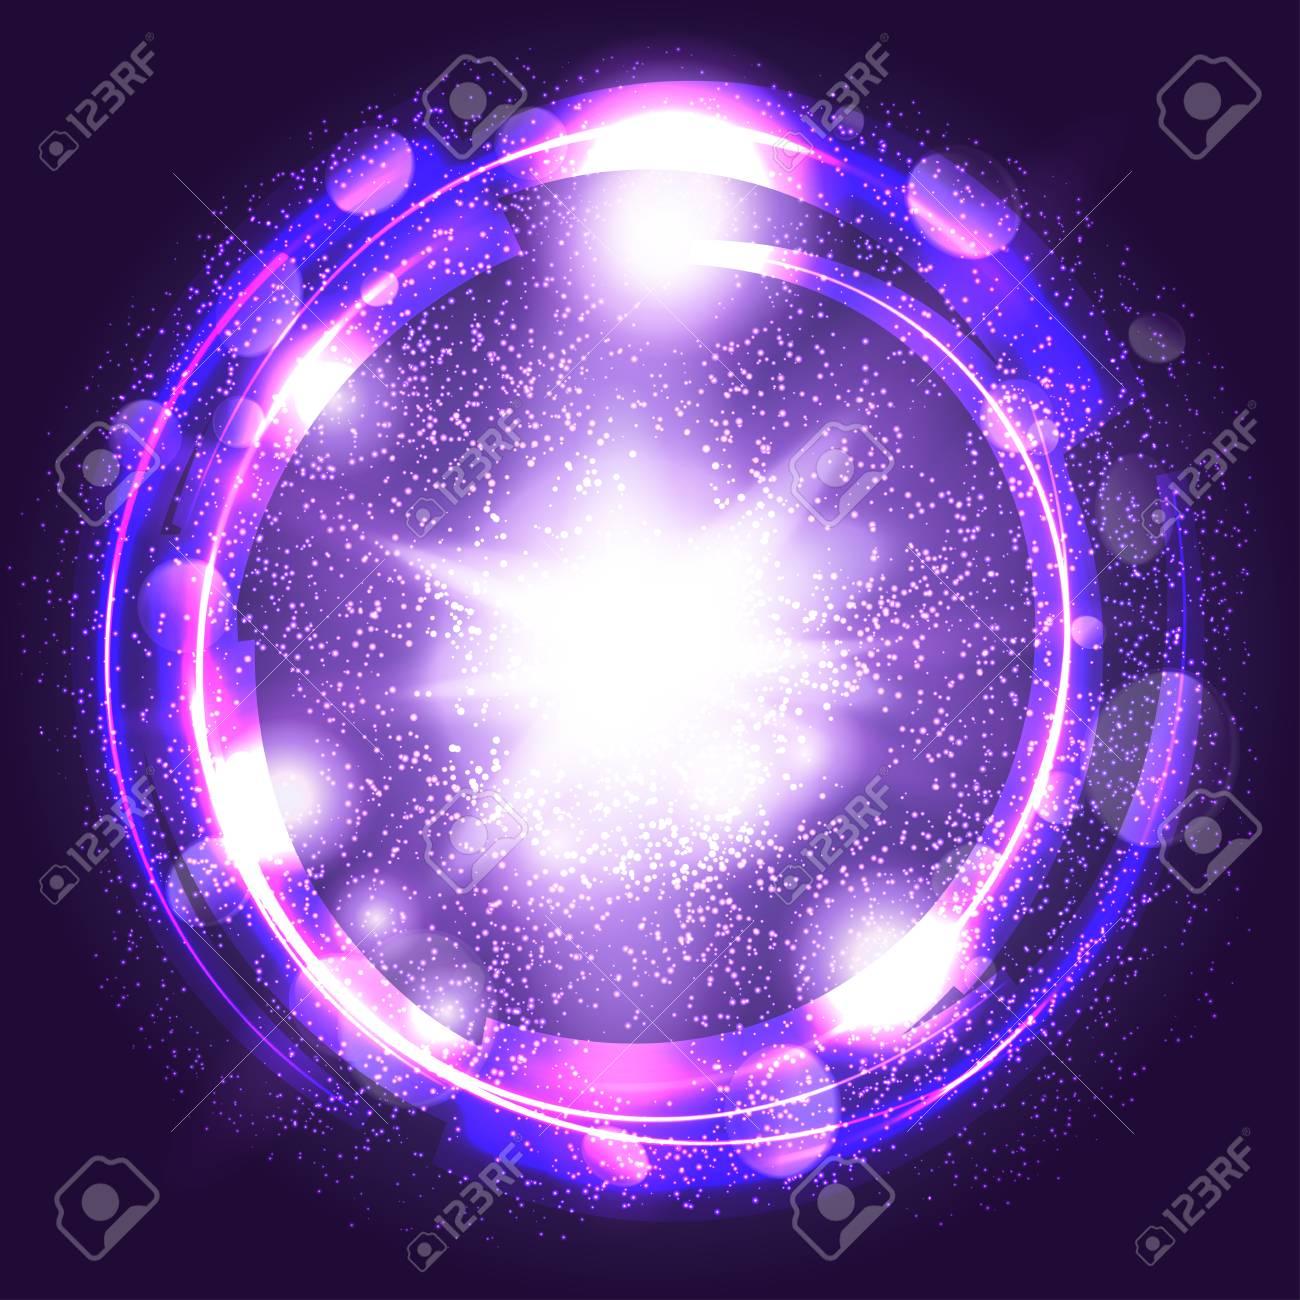 [Bazilia] La magie des océans [PV. Tempest] 59177608-light-burst-purple-explosion-with-rays-abstract-elements-transparent-lines-vector-illustration